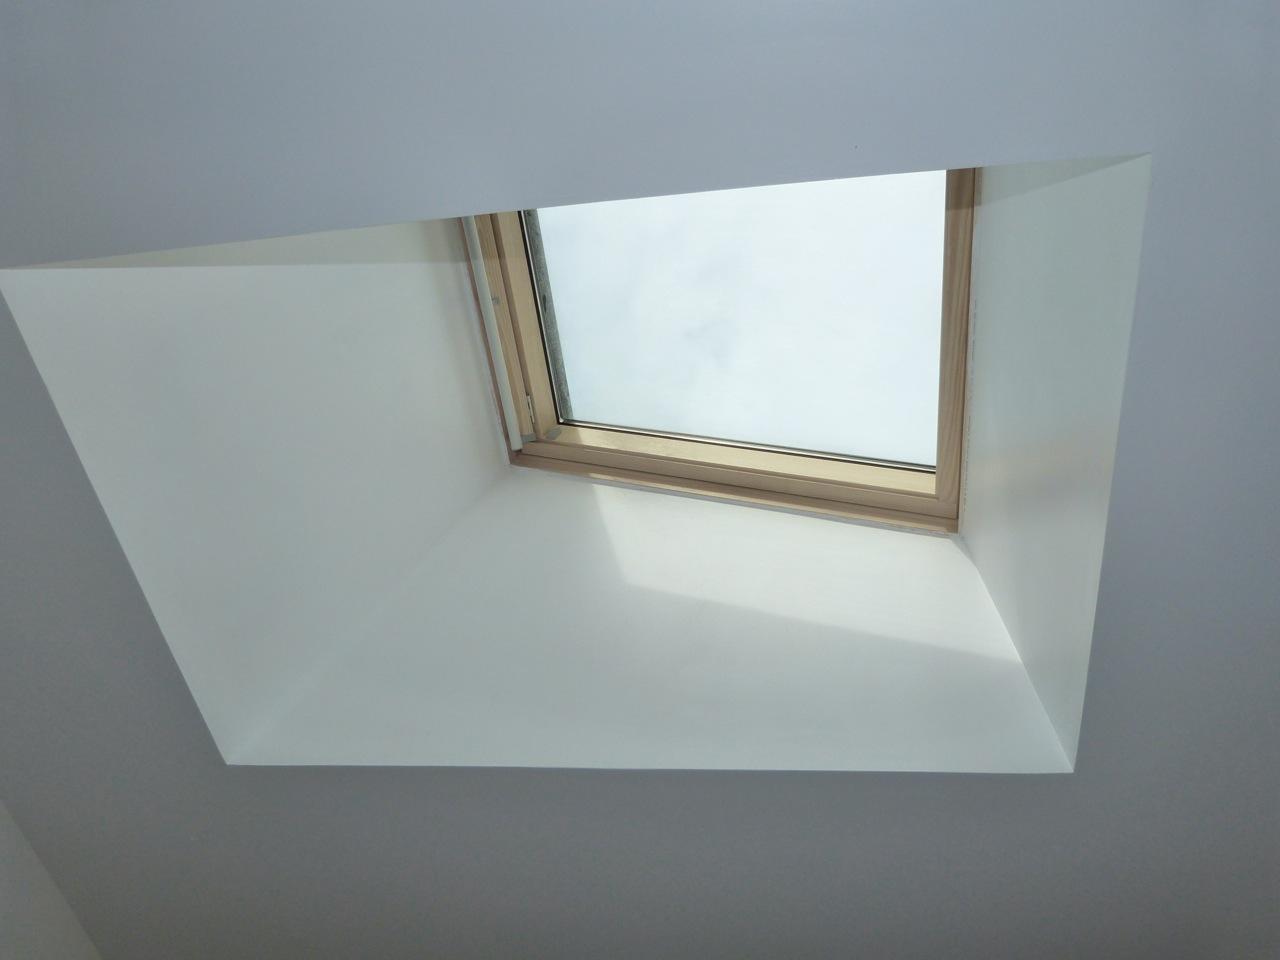 Habillage interieur fenetre de toit velux la rochelle 21 for Habillage interieur